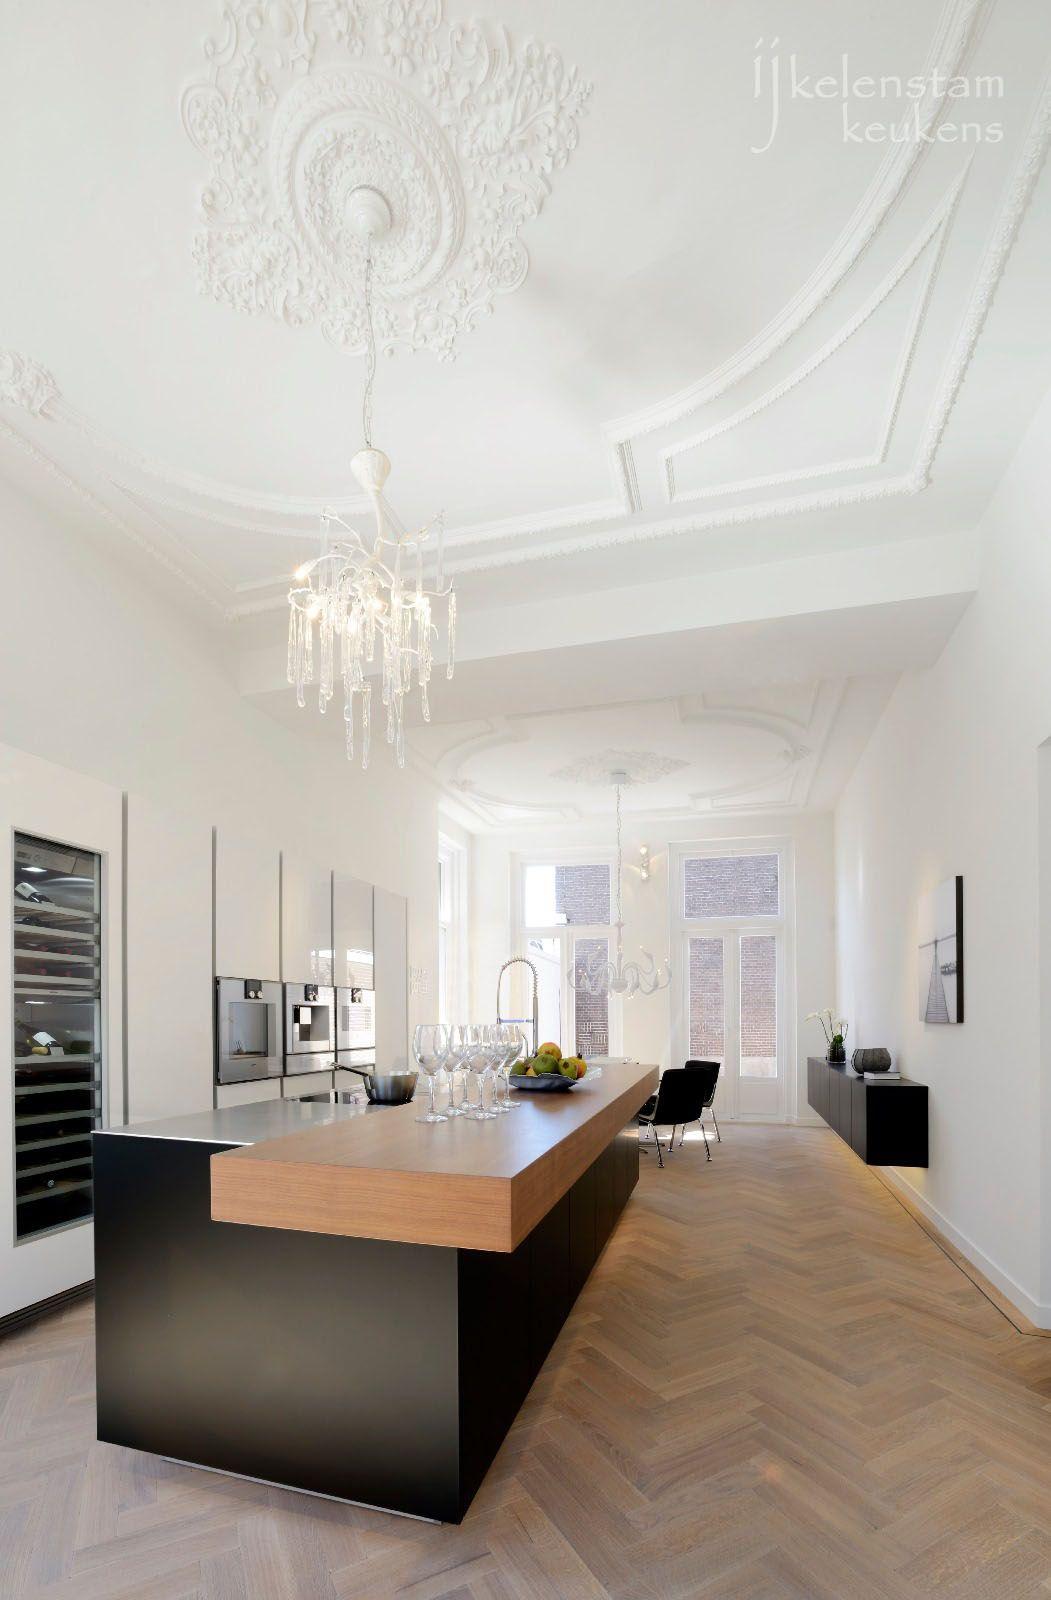 poggenpohl kitchen ijkelenstam keukens showroom gorinchem